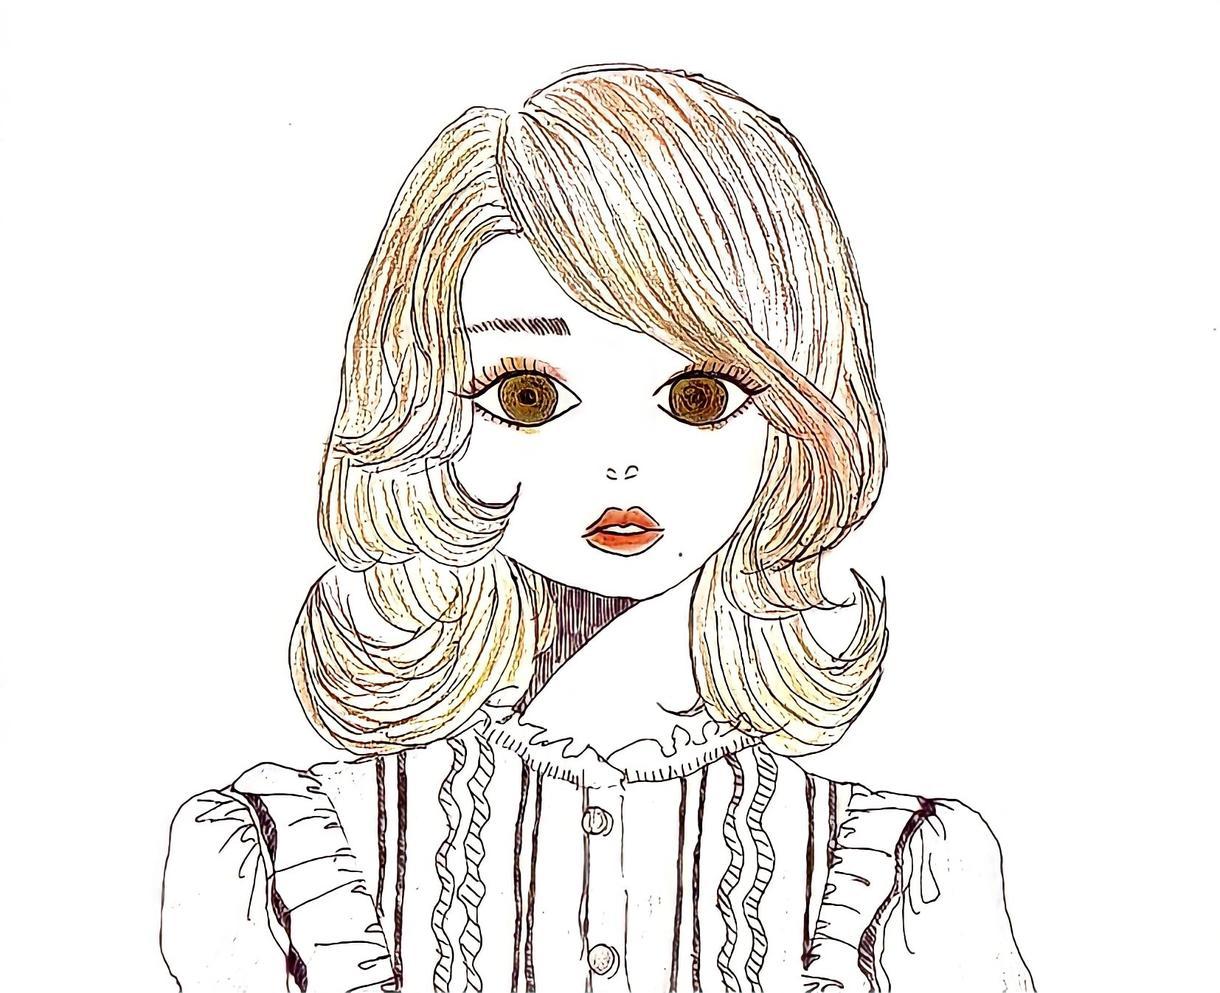 お洒落で個性的なイラスト描きます 似顔絵・アイコン・プレゼントなど! イメージ1